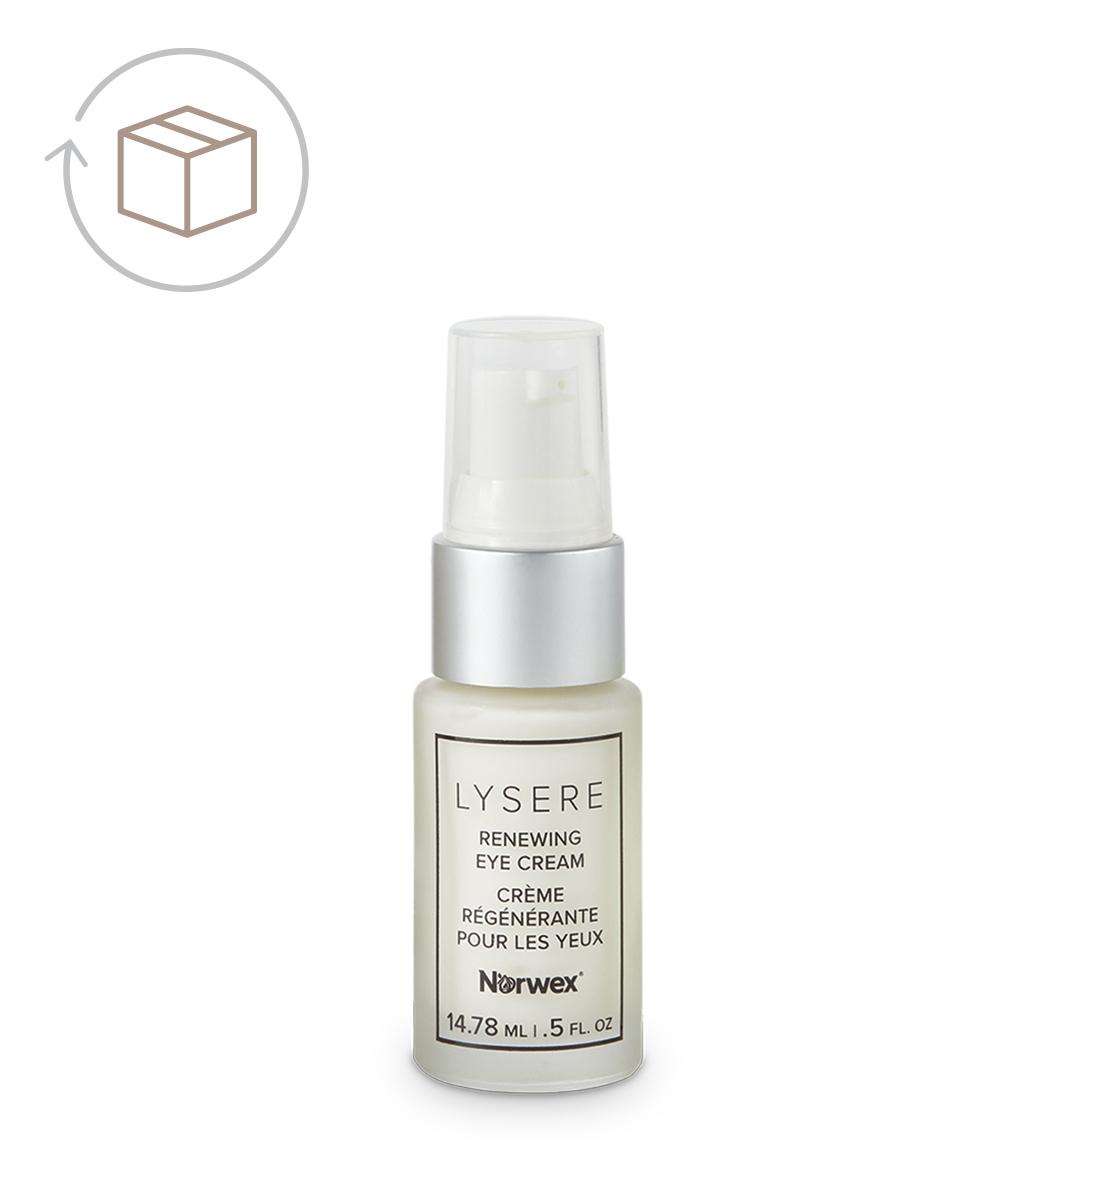 Lysere Renewing Eye Cream